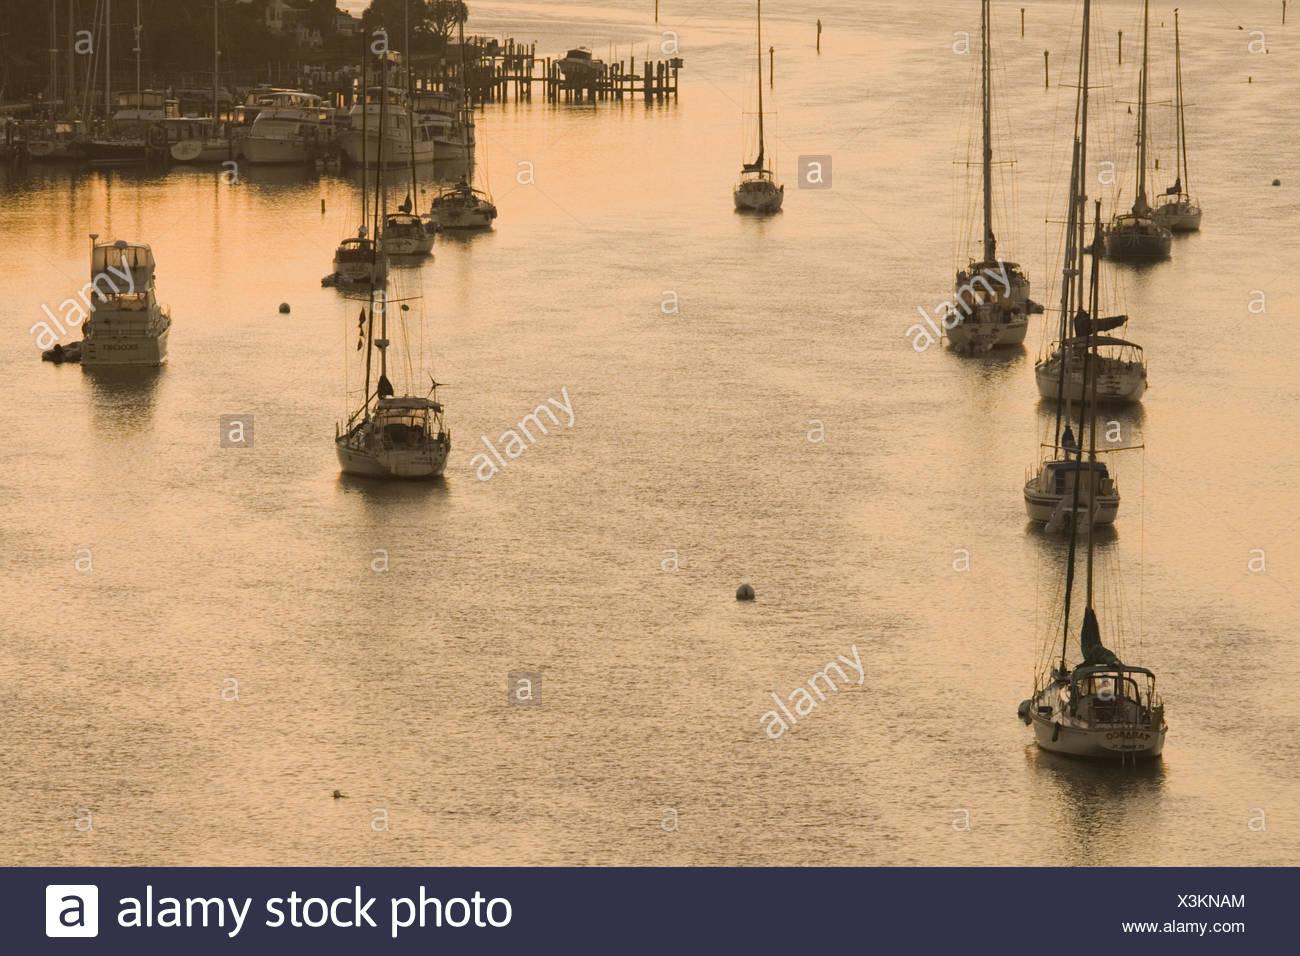 USA, Florida, Fort Myers, Yachthafen,  Morgenrot,   Nordamerika, Reiseziel, Meer, Wasser, Hafen, Boote, Yachten, Segelboote, Motorboote, ankern, Anlegestelle, Morgenlicht, - Stock Image